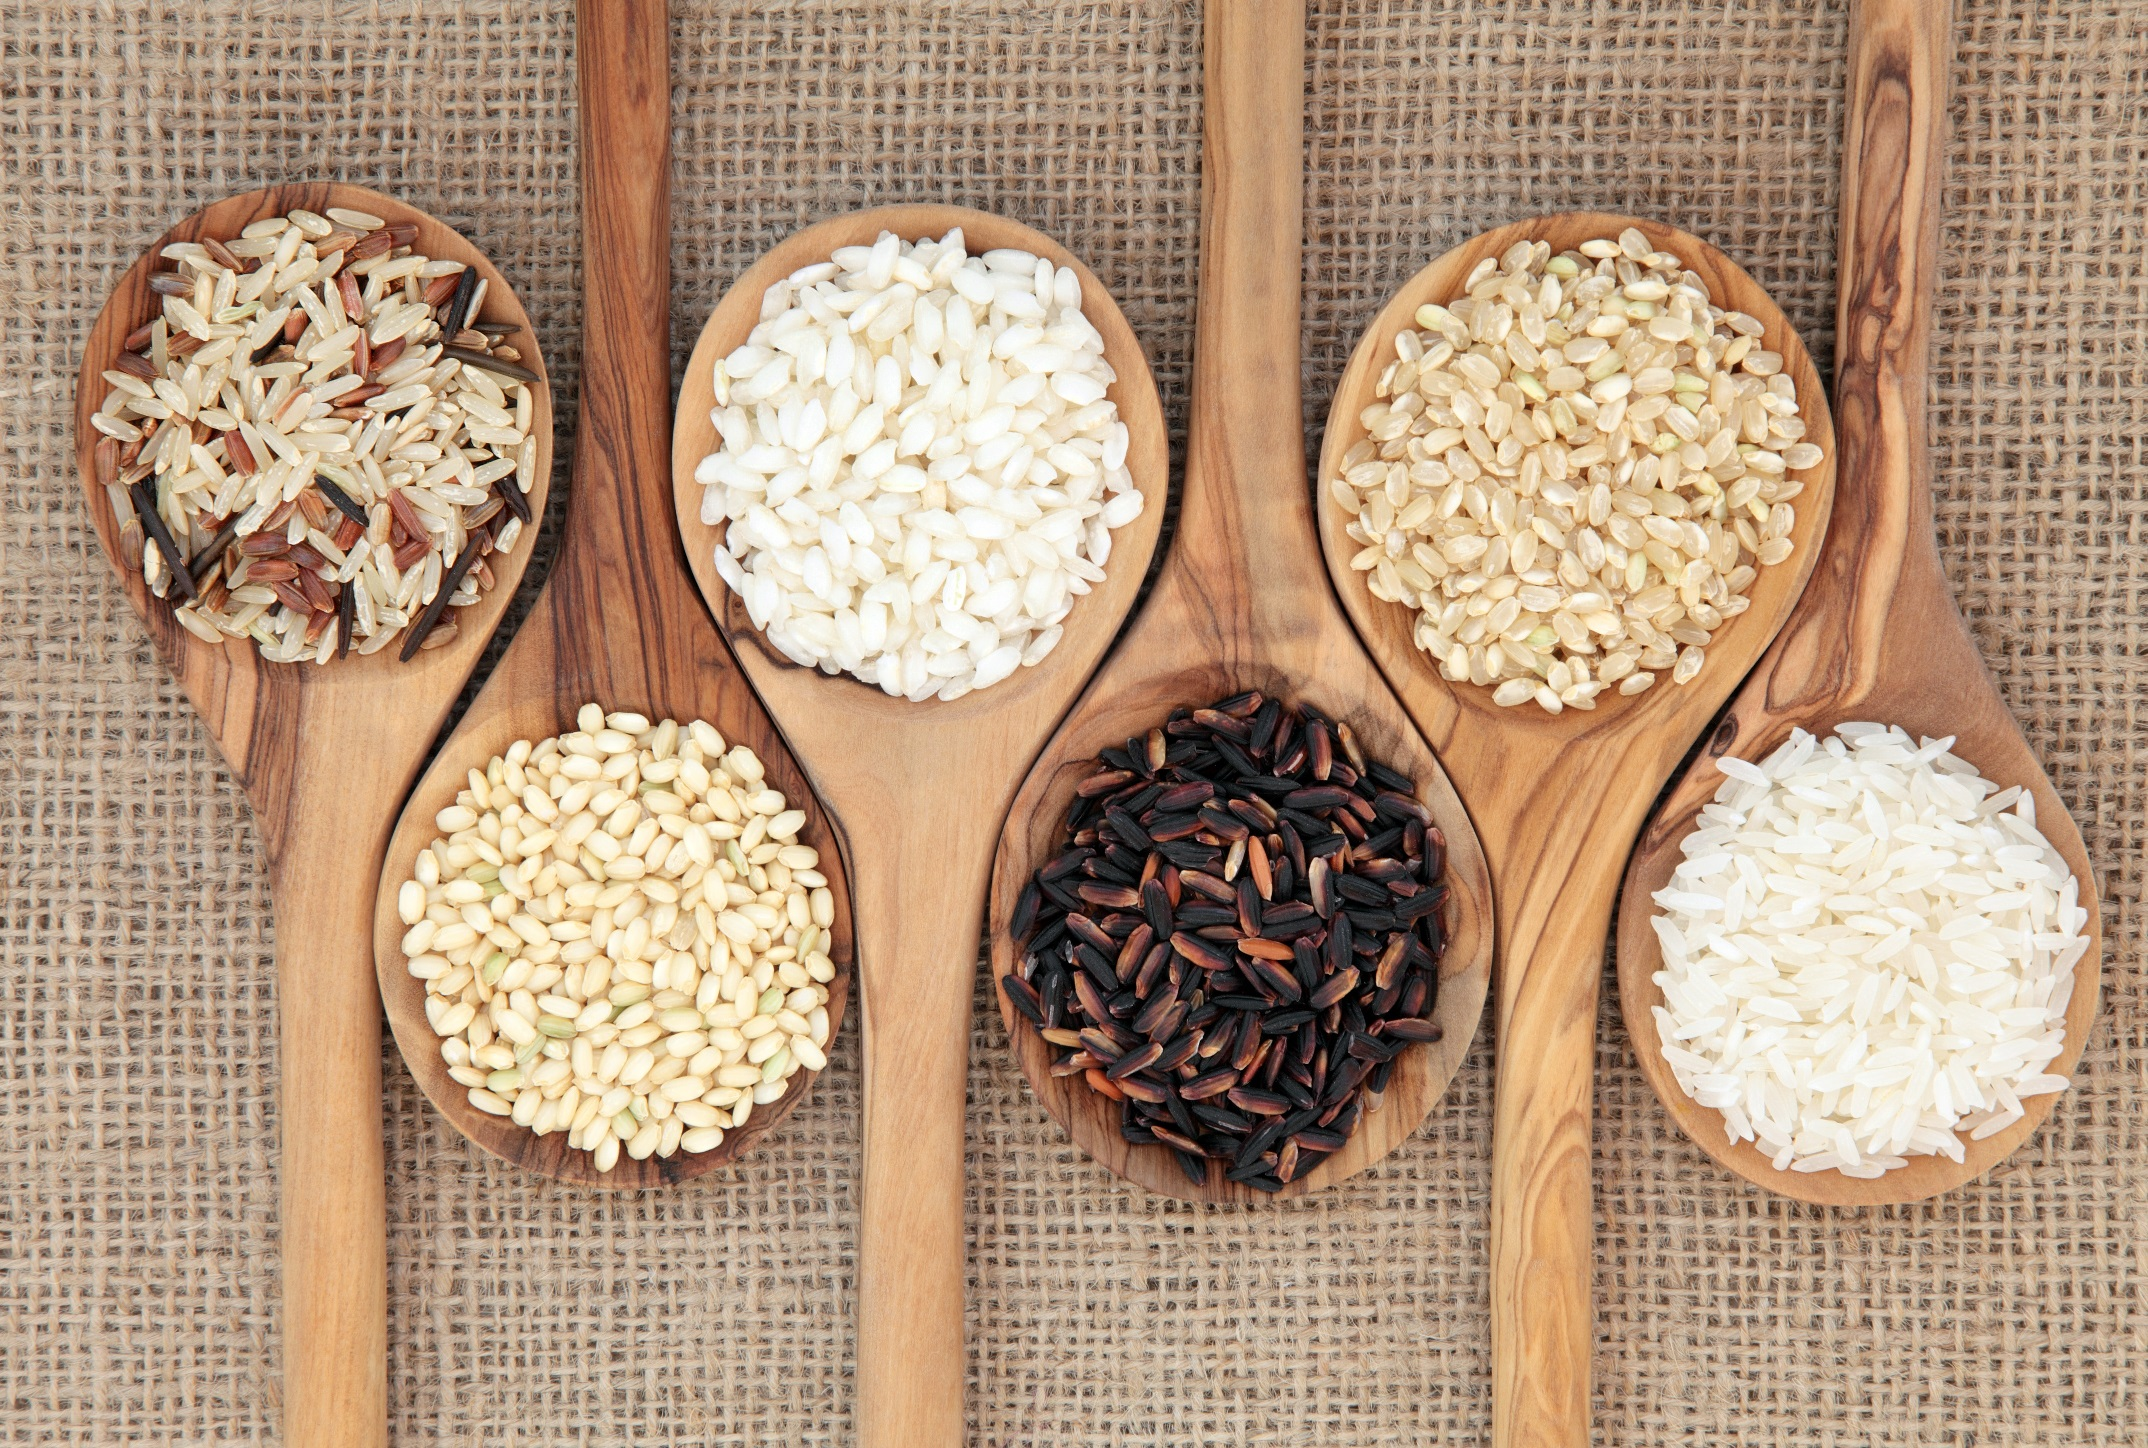 индюк все виды риса фото улитки второй